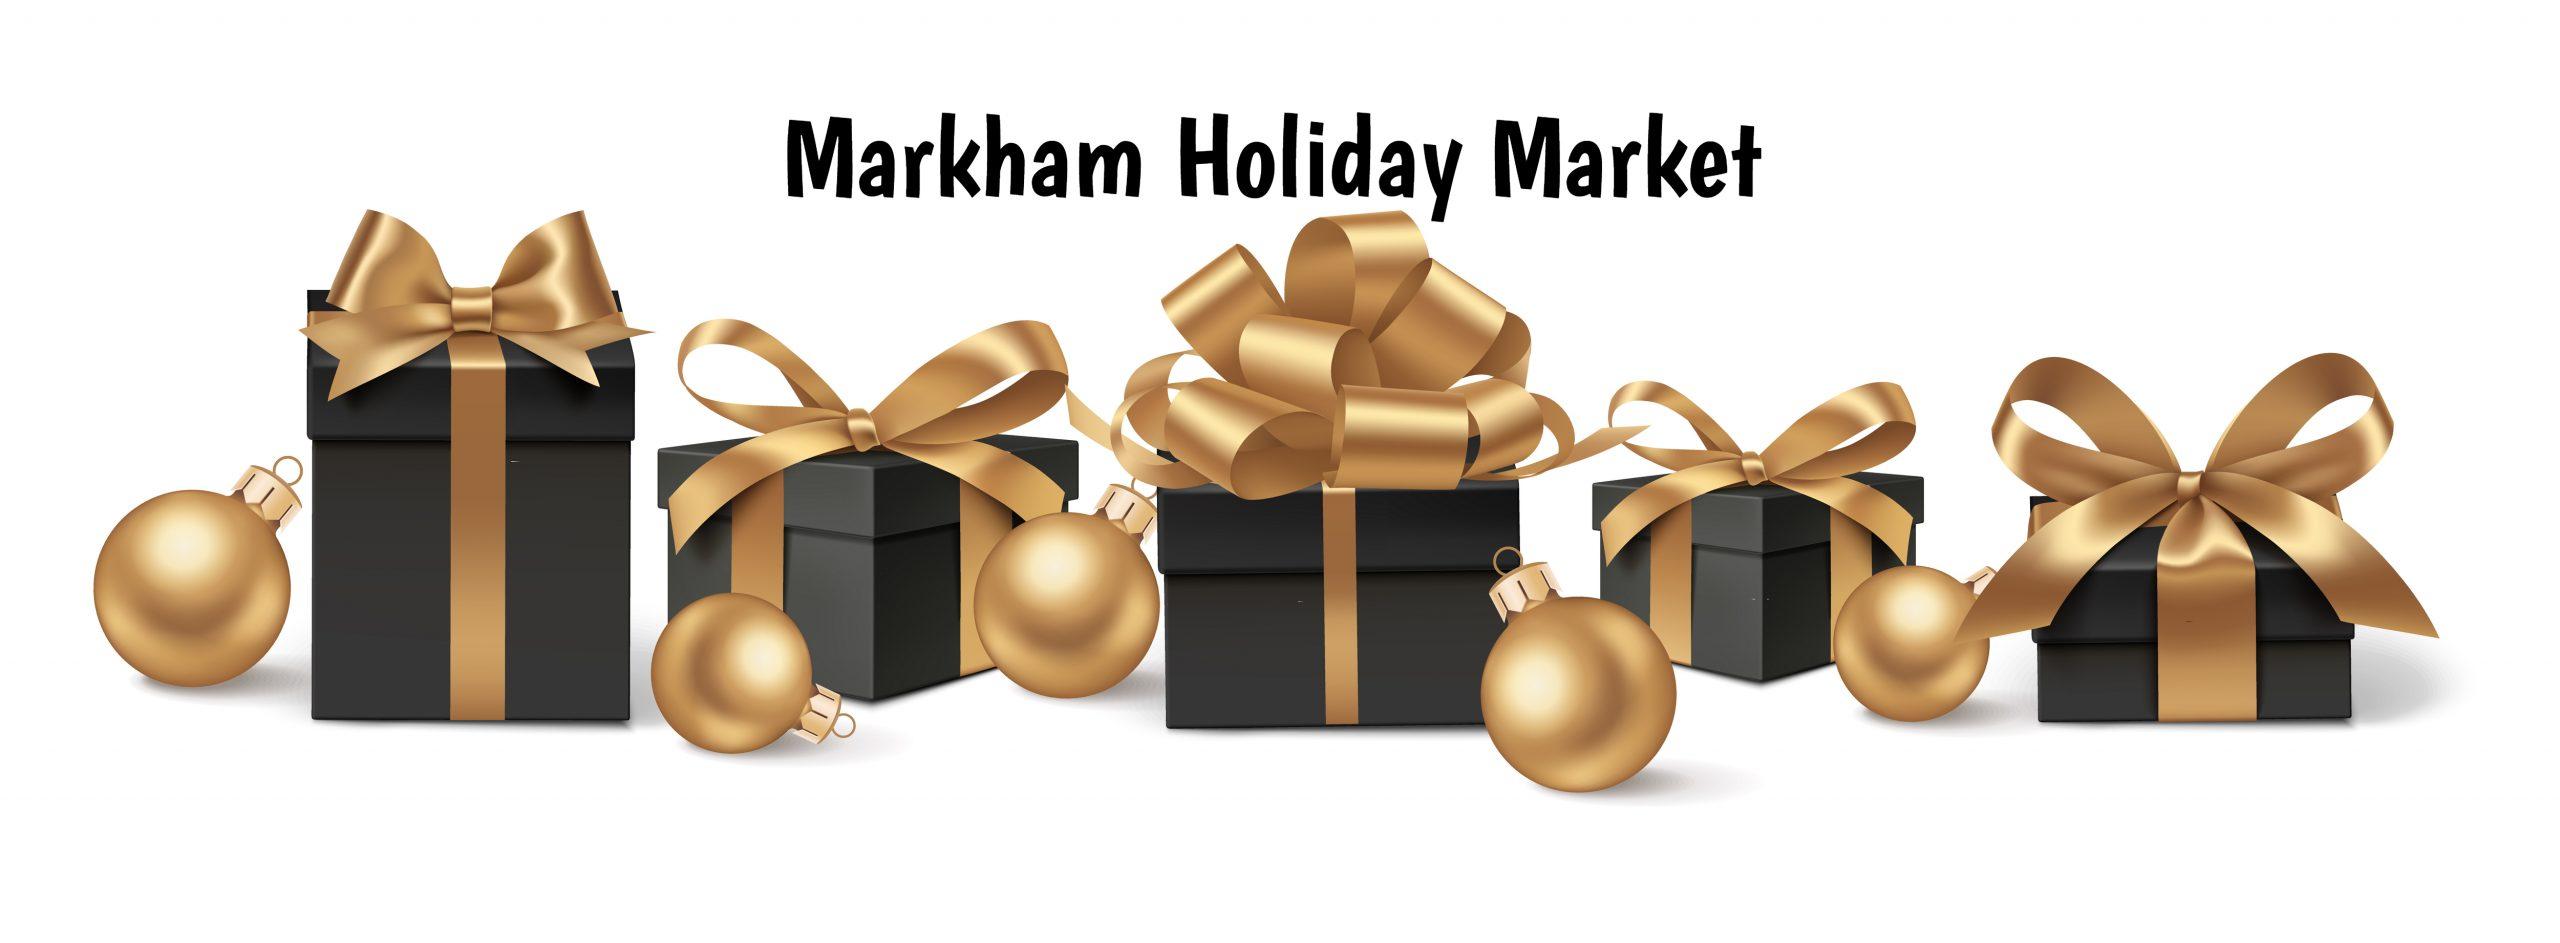 MARKHAM HOLIDAY MARKET